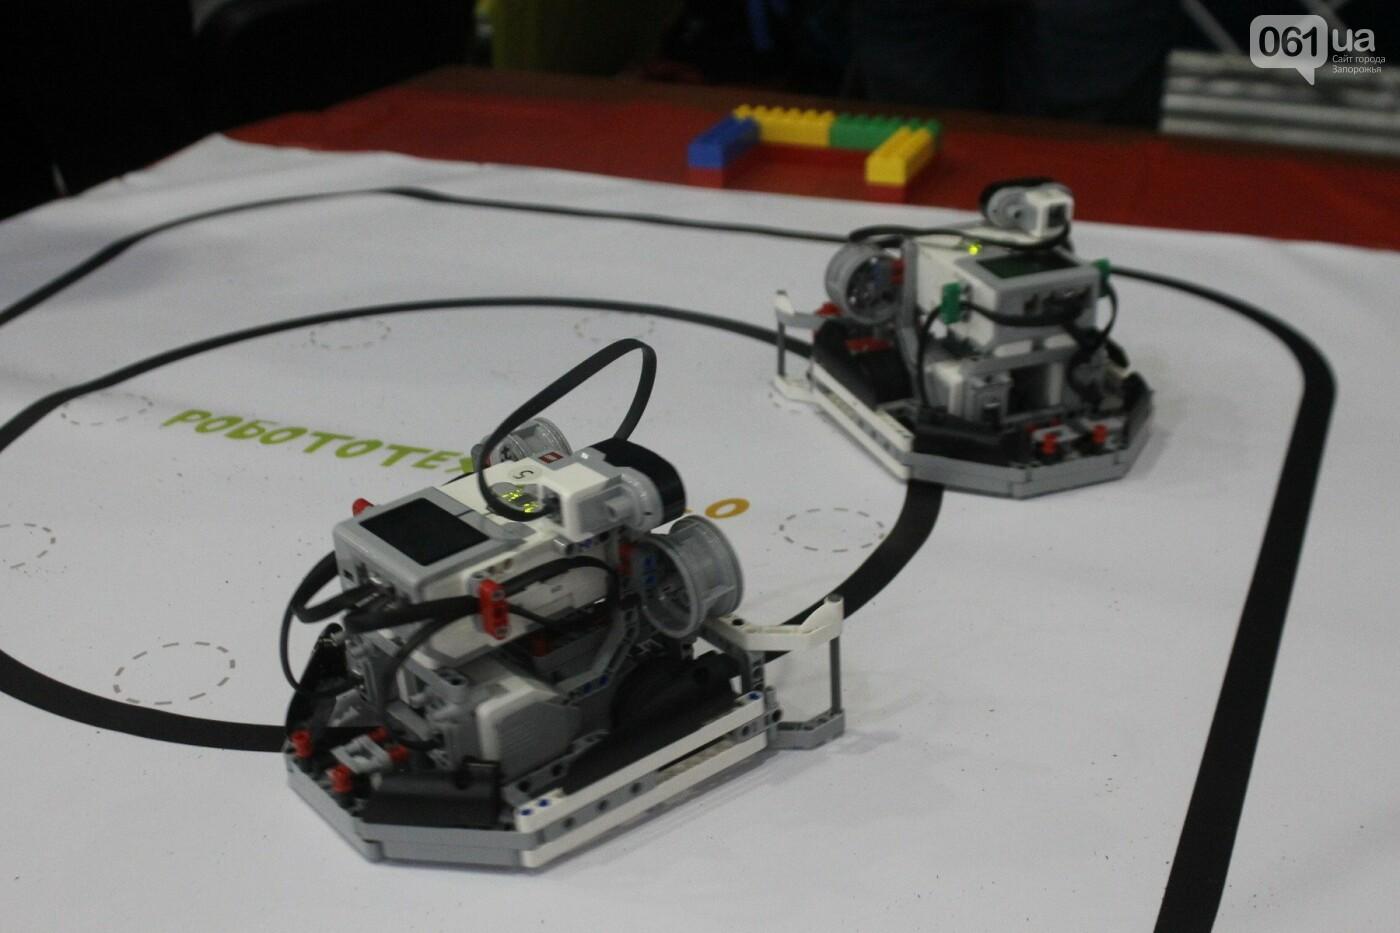 Роботы, киберспорт и спикеры-иностранцы: в Запорожье начался International IT Forum, – ФОТОРЕПОРТАЖ, фото-27